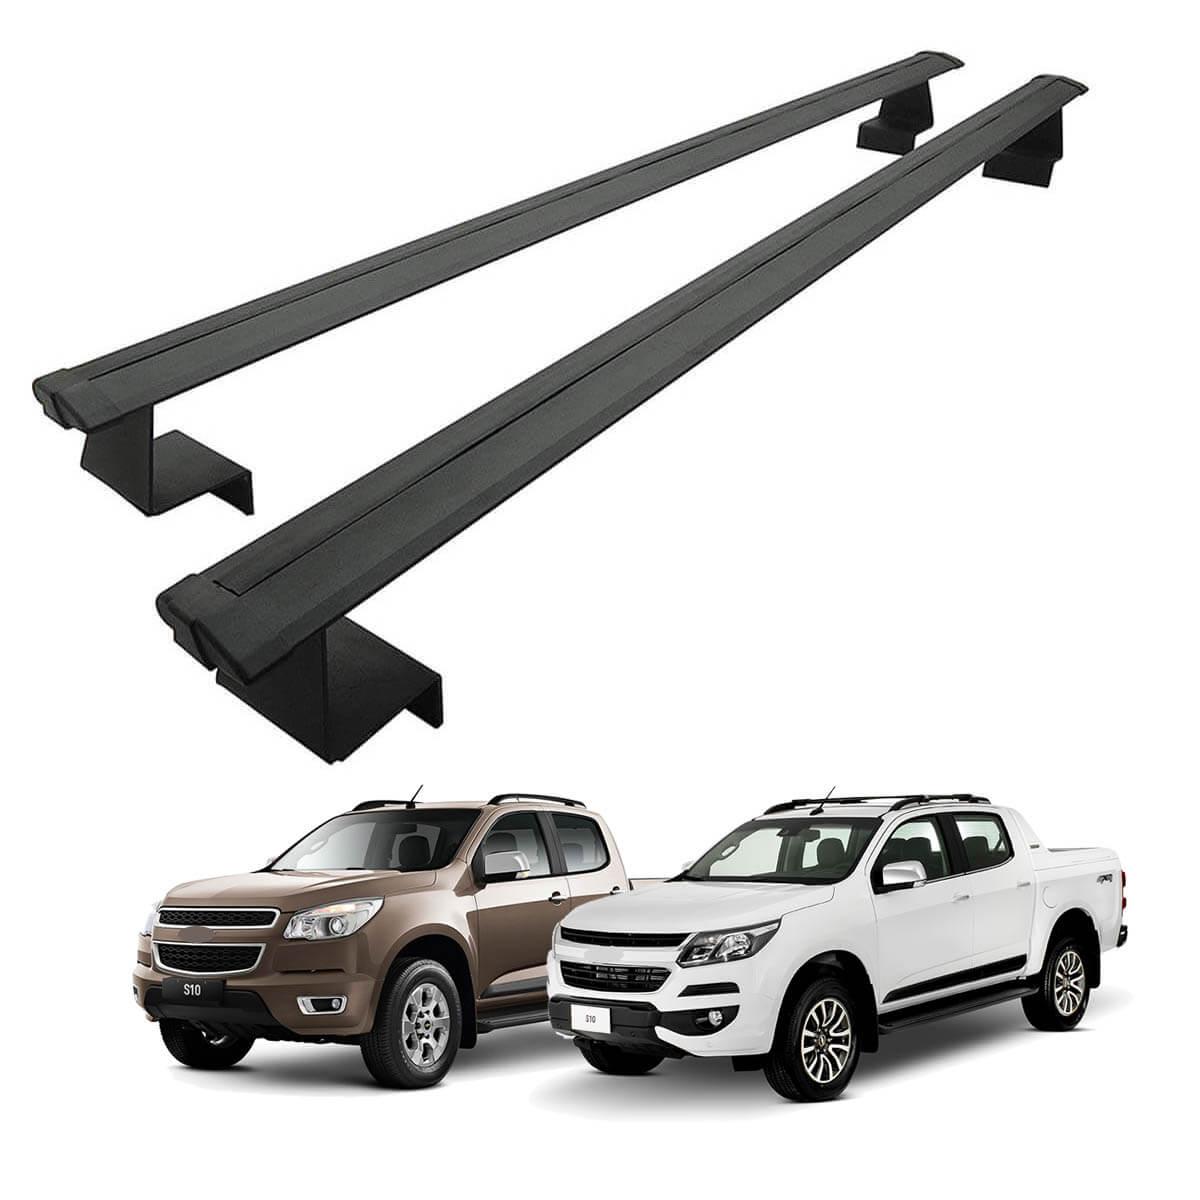 Rack de caçamba em alumínio preto Nova S10 2012 a 2021